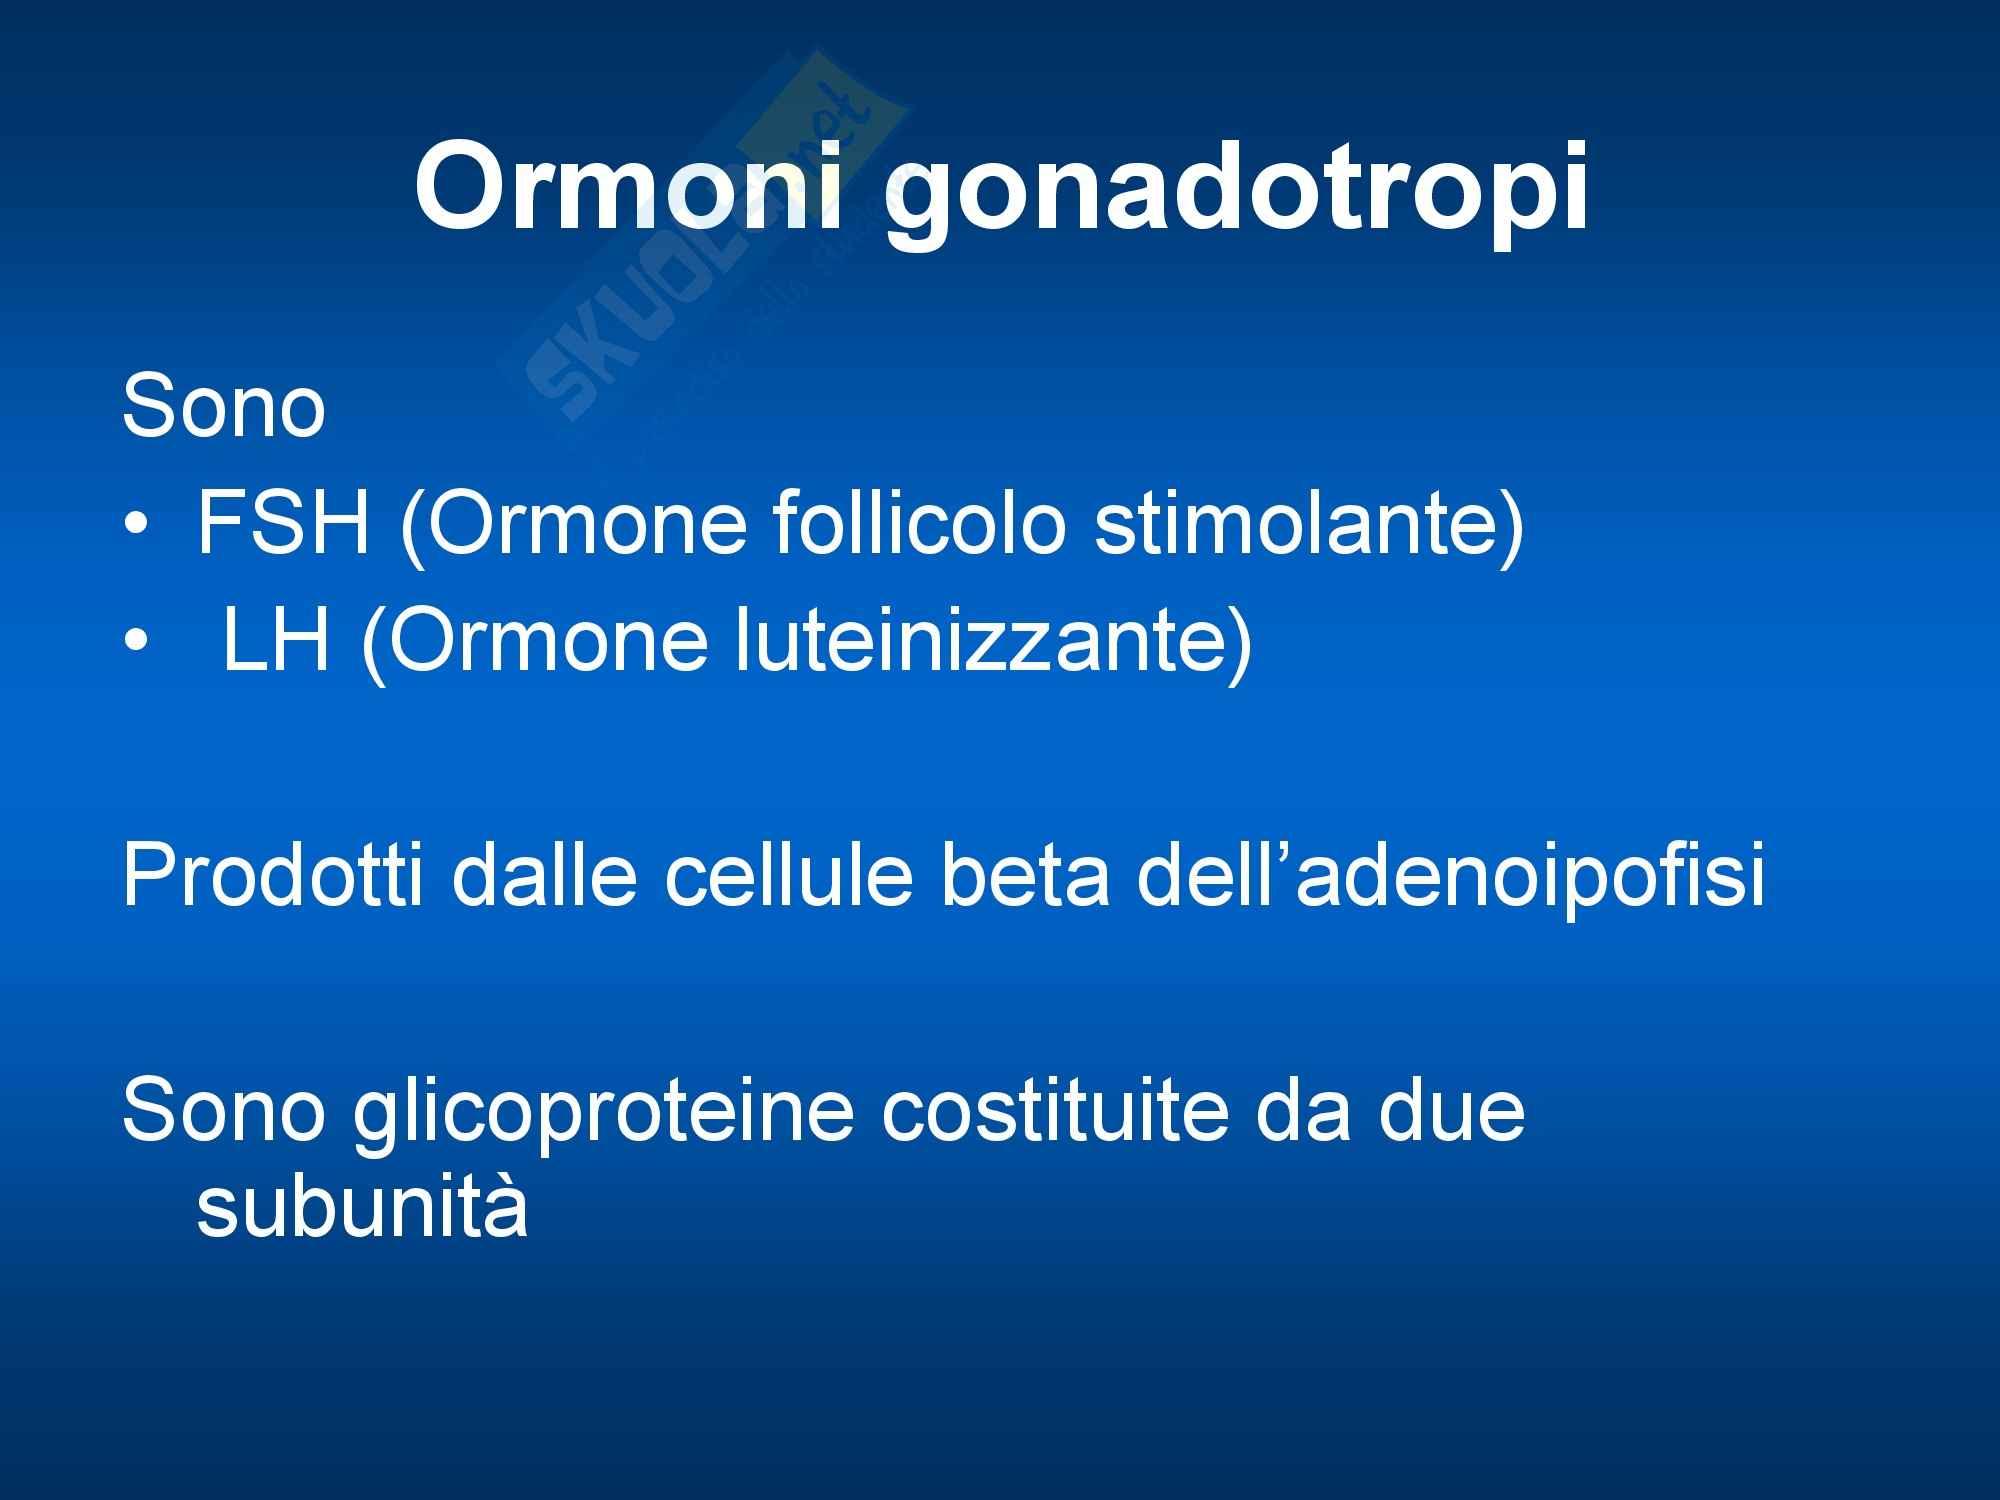 Endocrinologia - LH e FSH